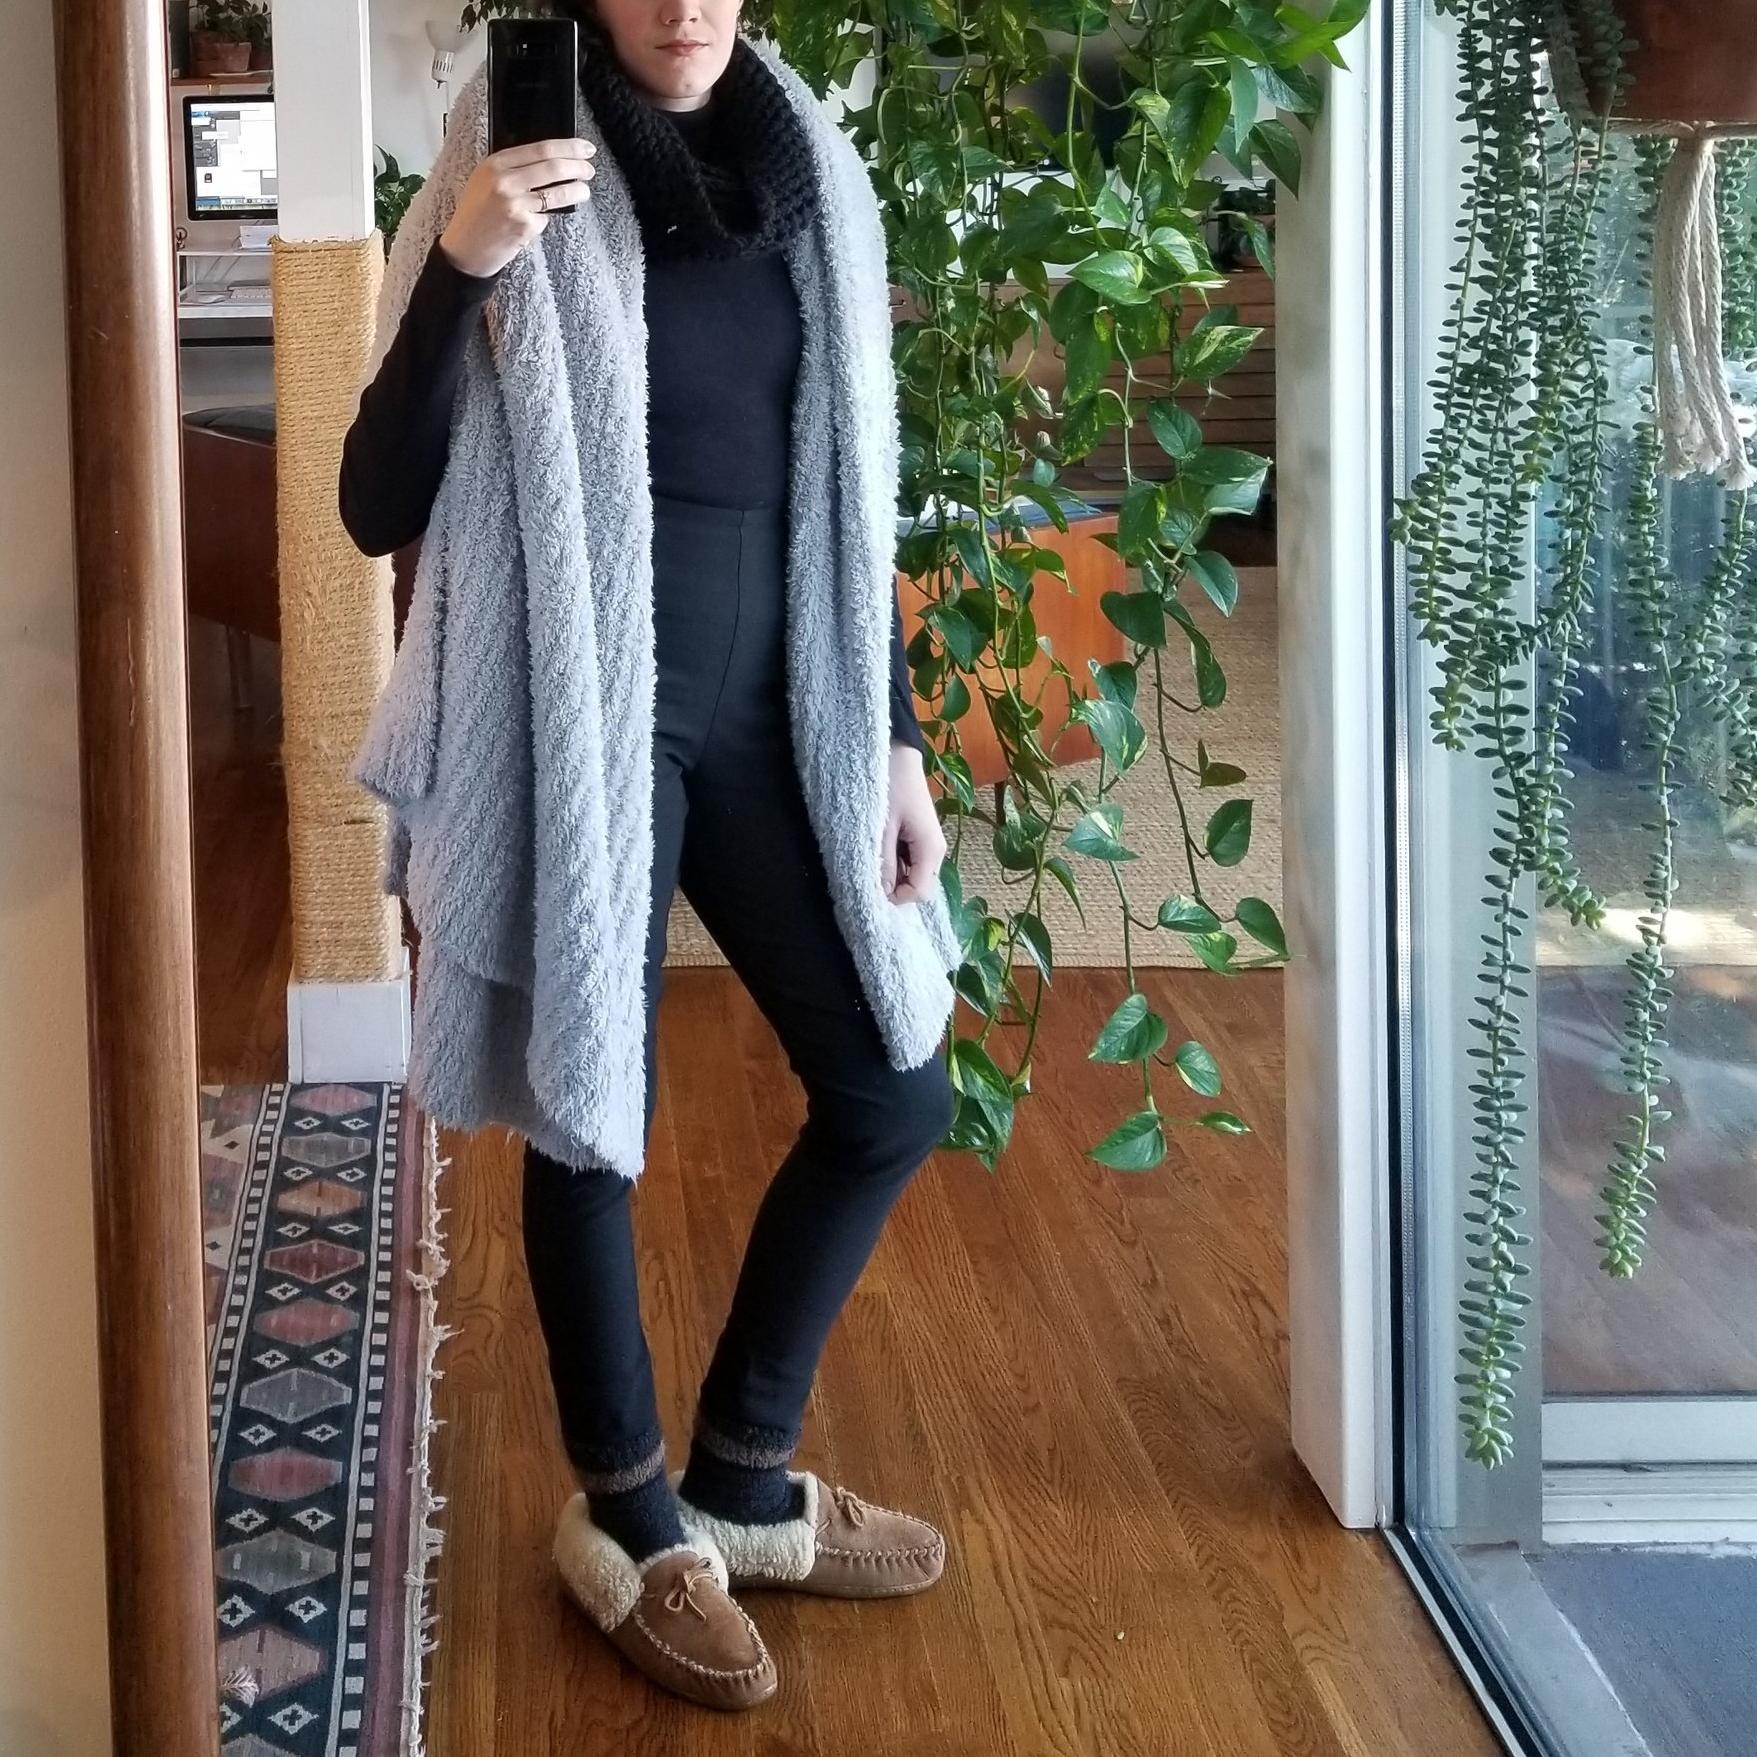 Resplendent in blanket, she works from home. -